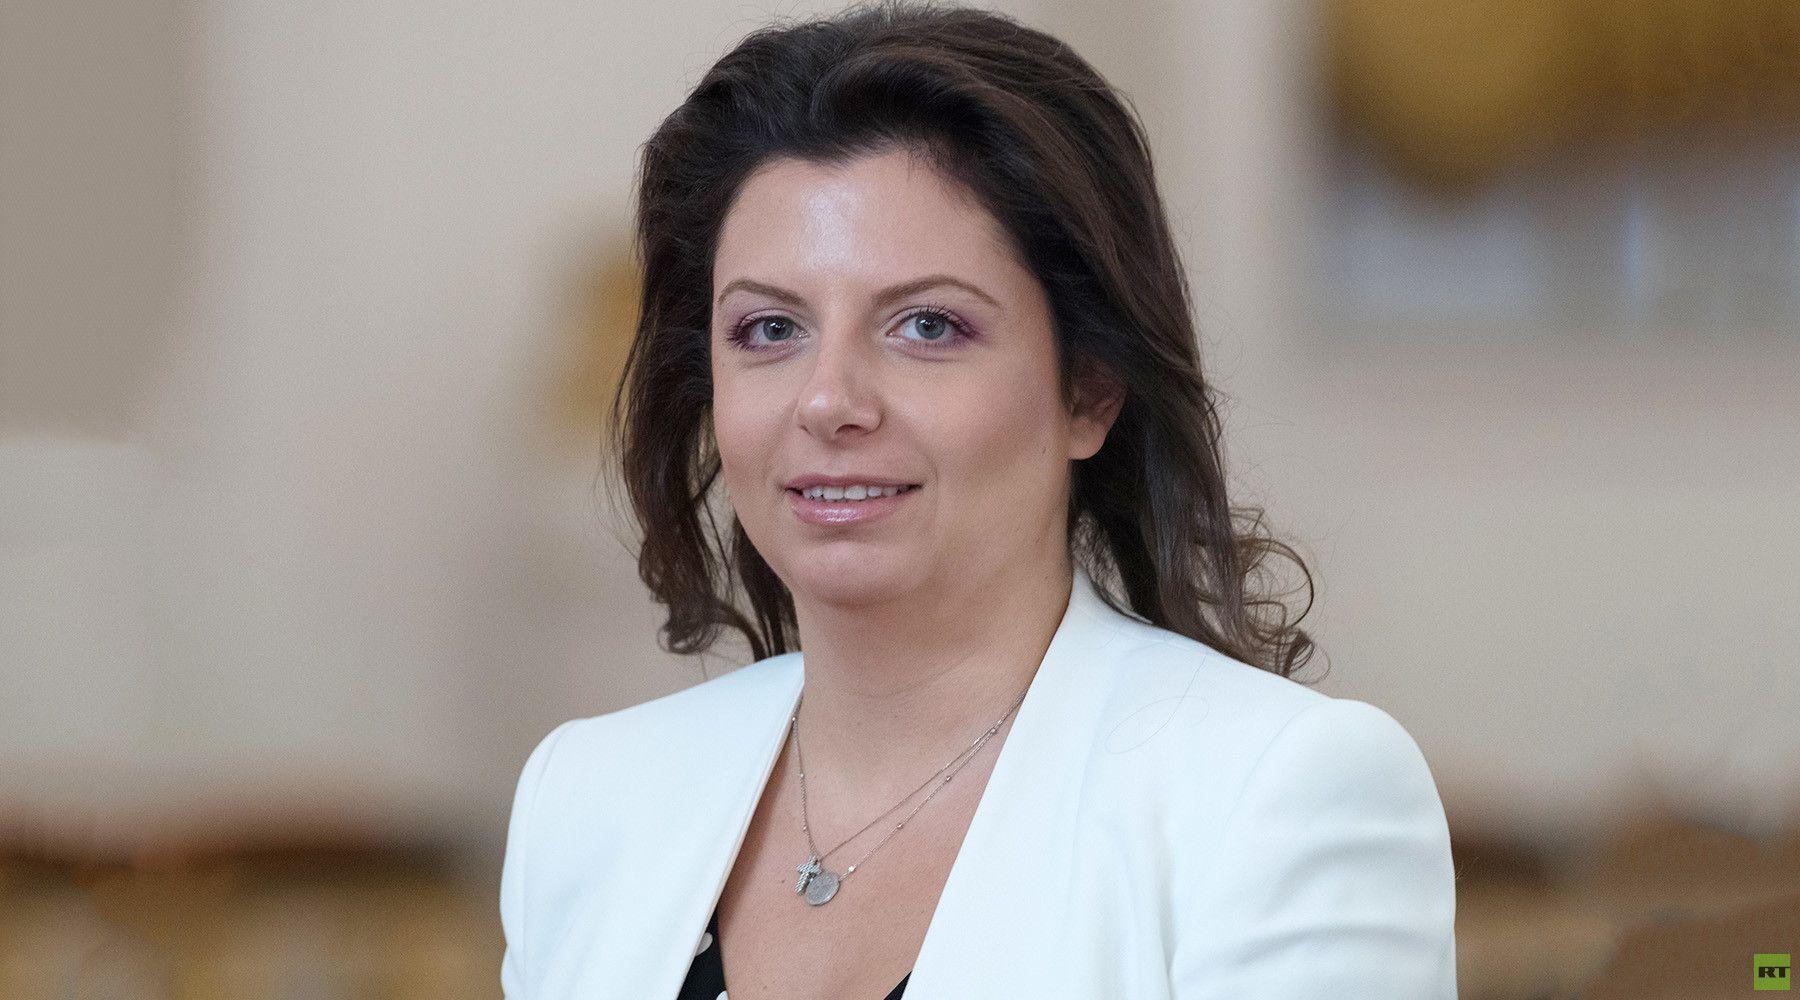 مارغاريتا سيمونيان، رئيسة تحرير شبكة قنوات RT